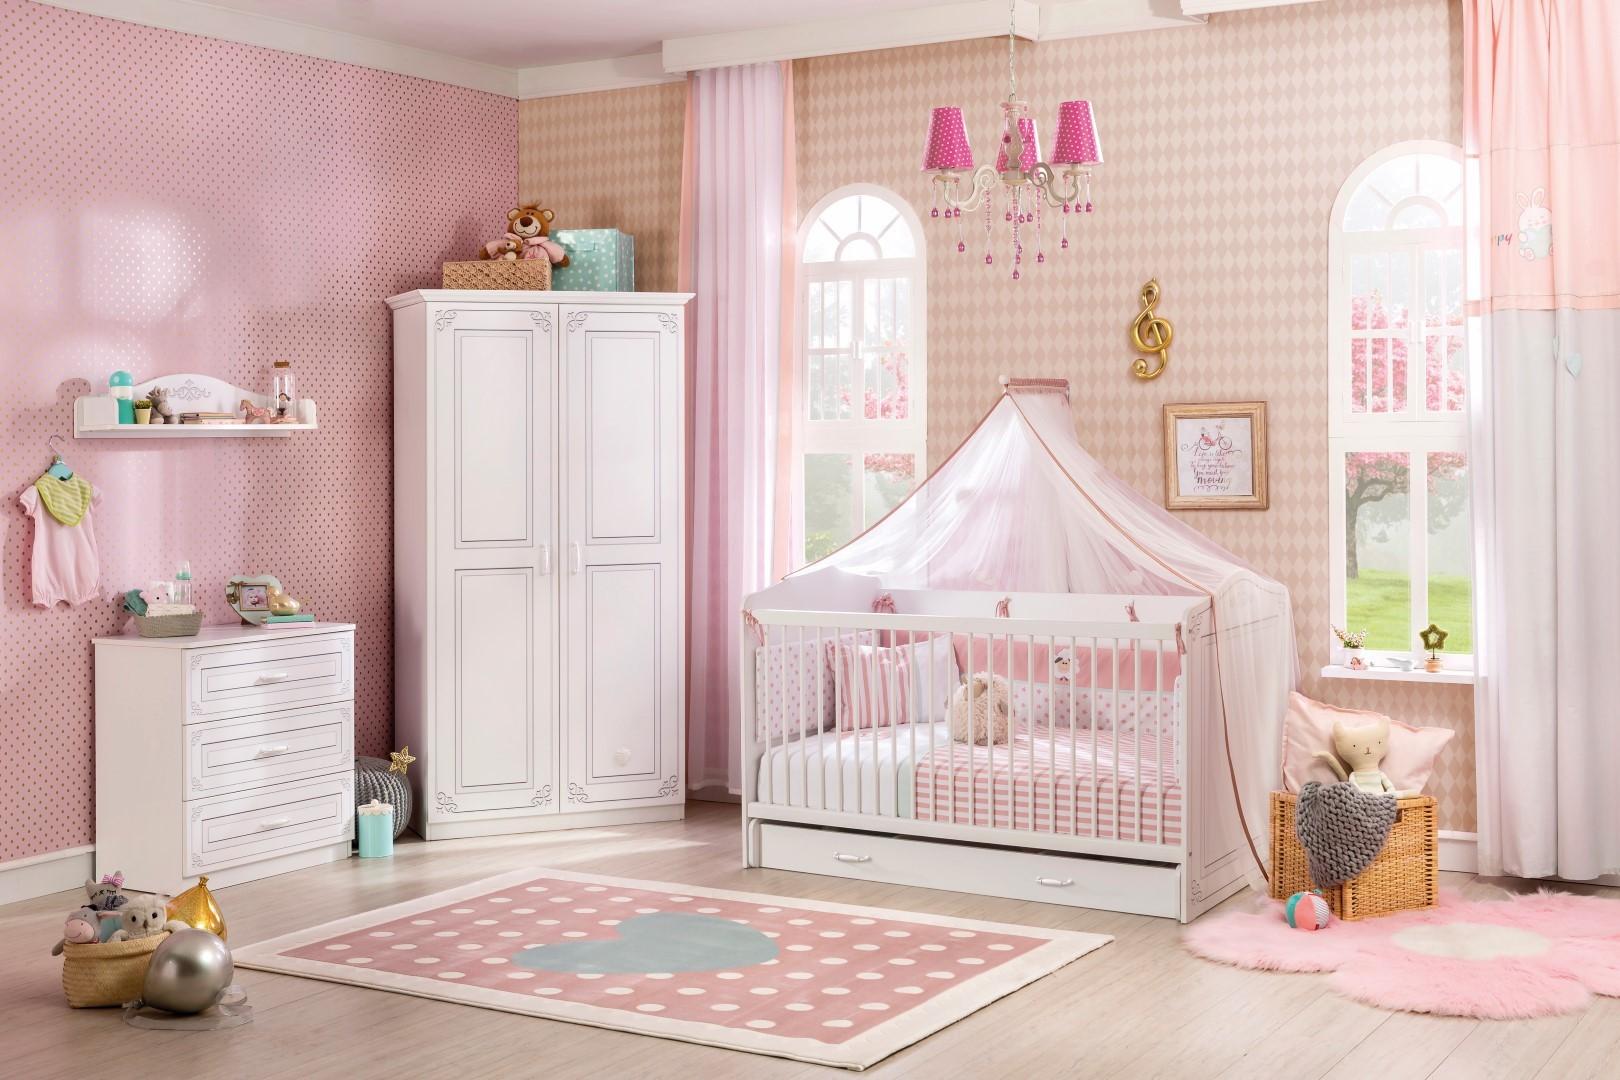 Babykamer voorbeeld met lampen met naam van je kindje